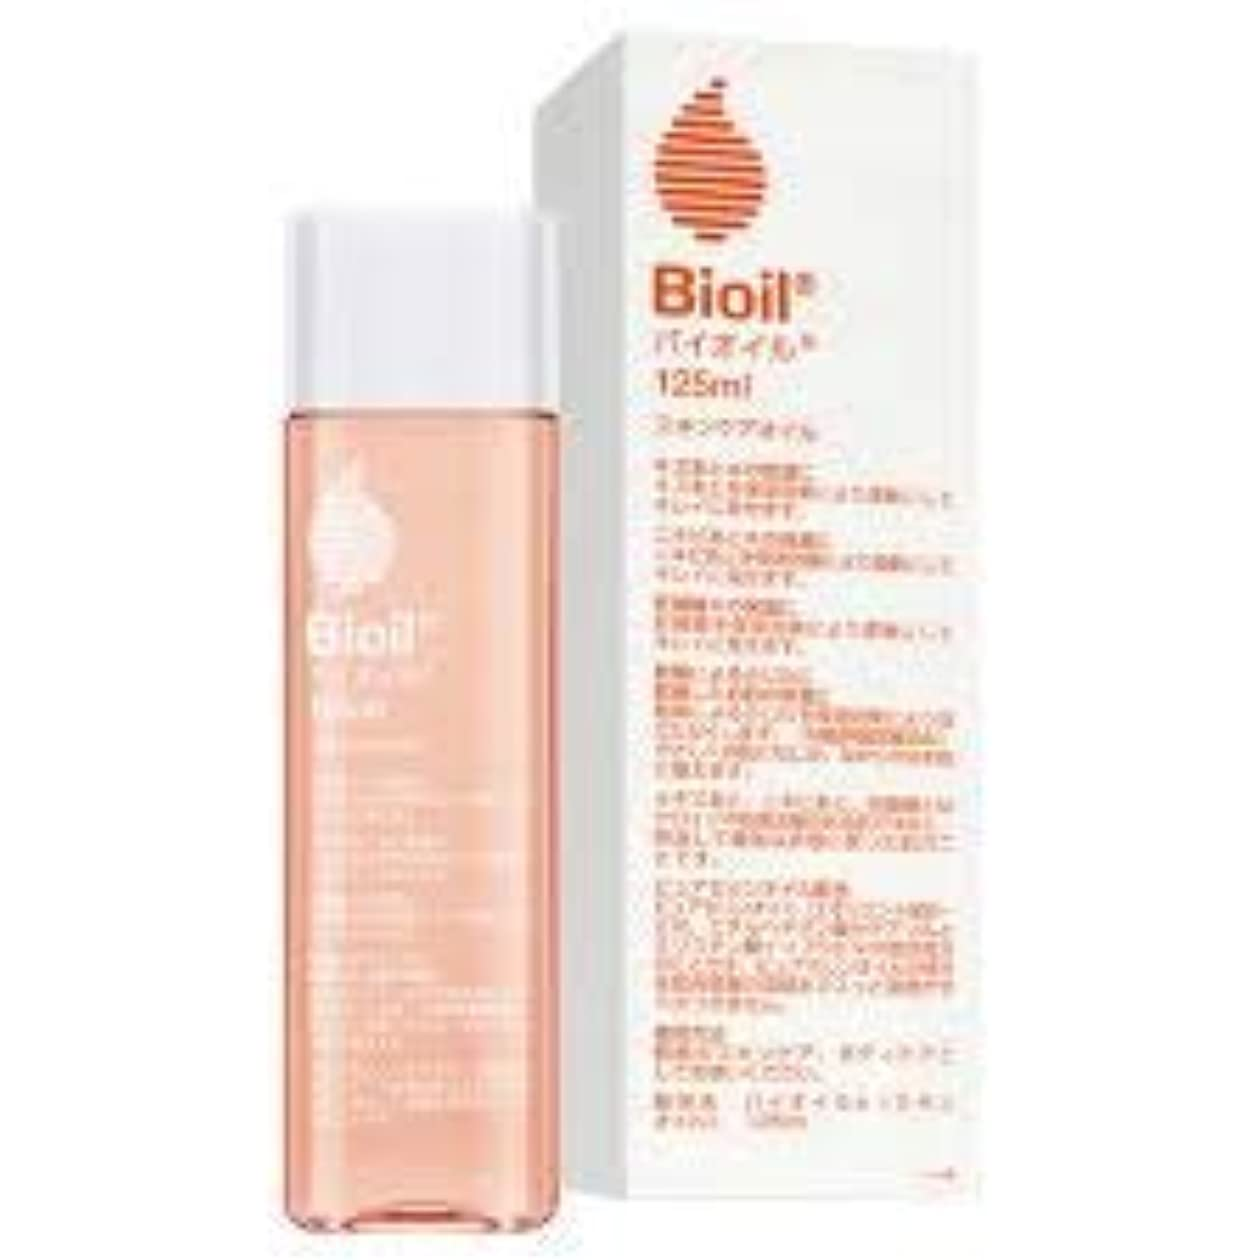 くつろぐマークされた裏切りバイオイル Bioil 125ml (小林製薬)